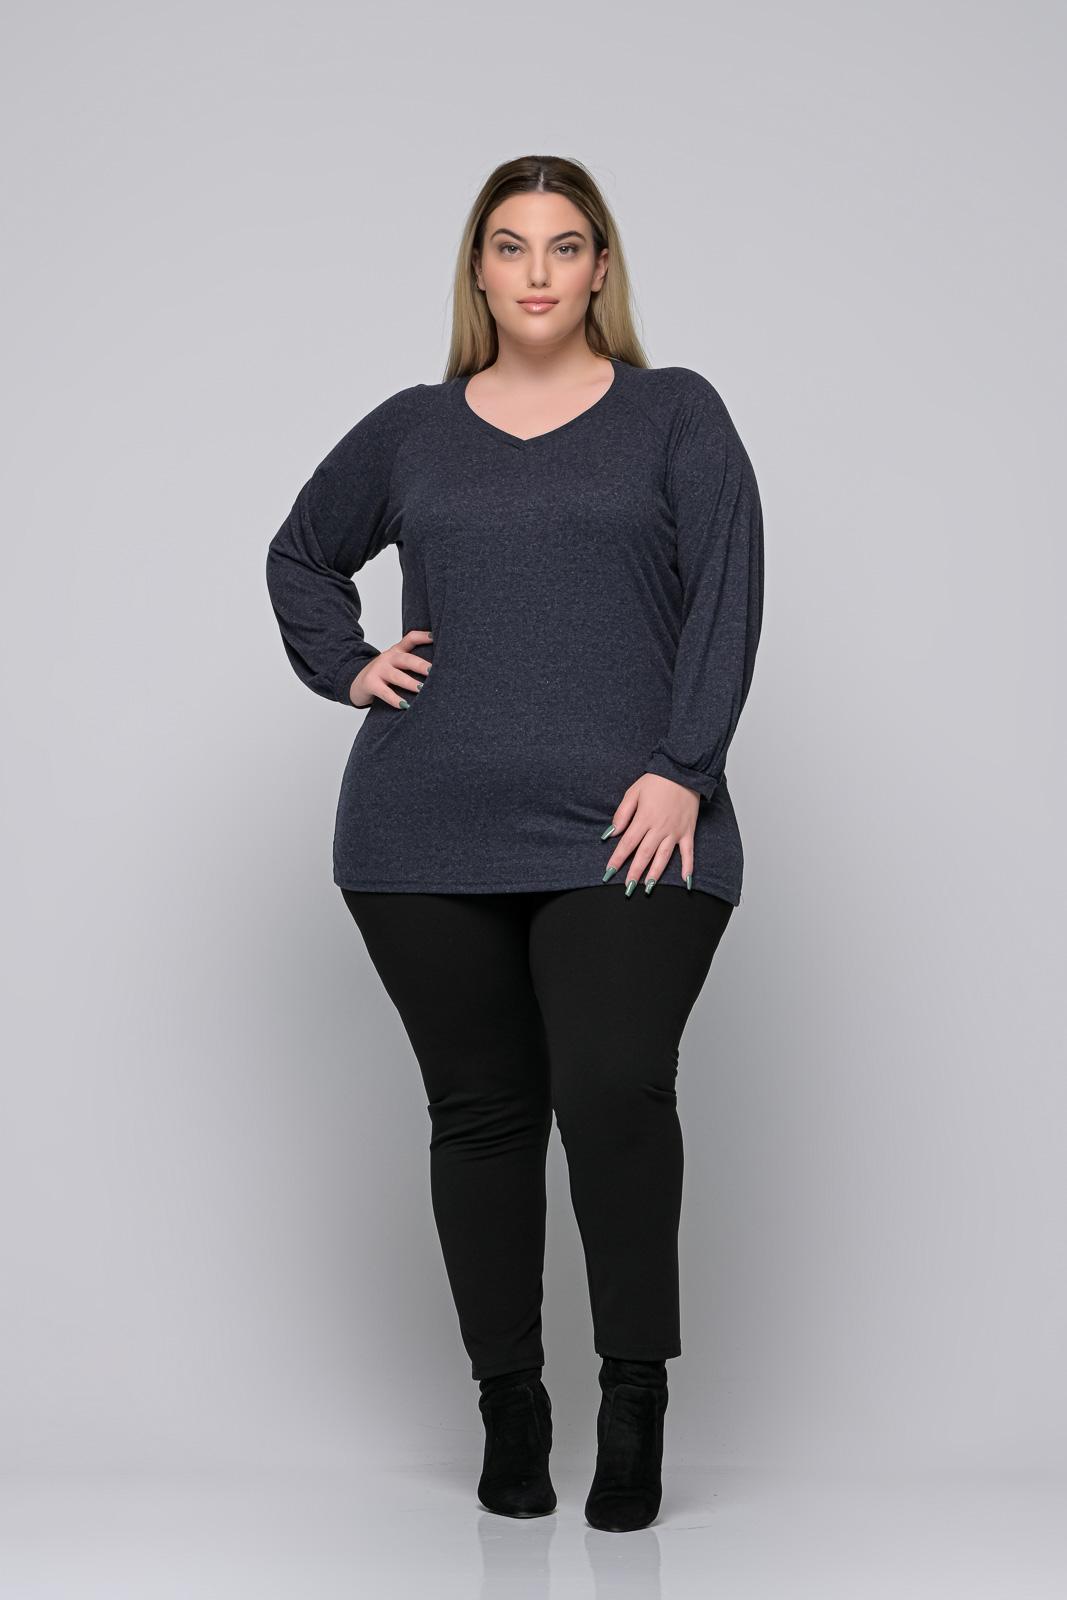 Μπλούζα μεγάλα μεγέθη +Psx γκρι μπλε ελαστική βισκόζ. Στο eshop μας θα βρείτε οικονομικά γυναίκεια ρούχα σε μεγάλα μεγέθη και υπερμεγέθη.